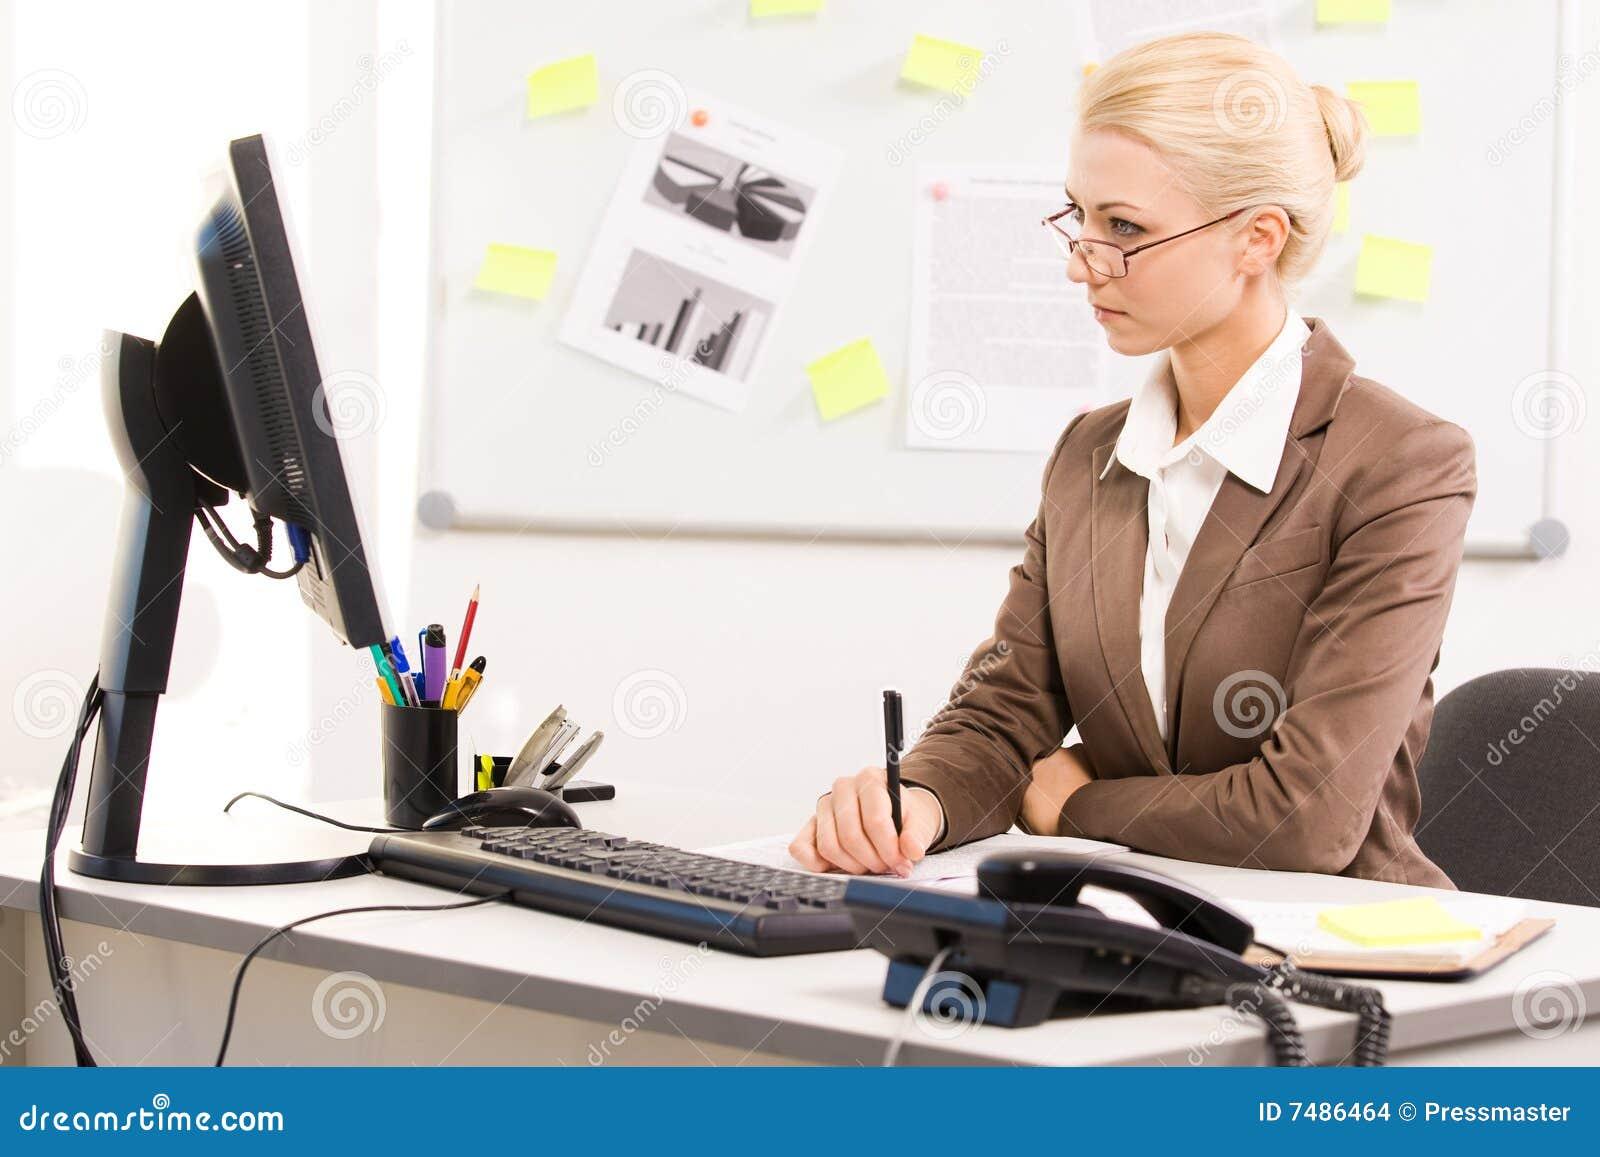 secretary working stock photo image of holding lady 7486464